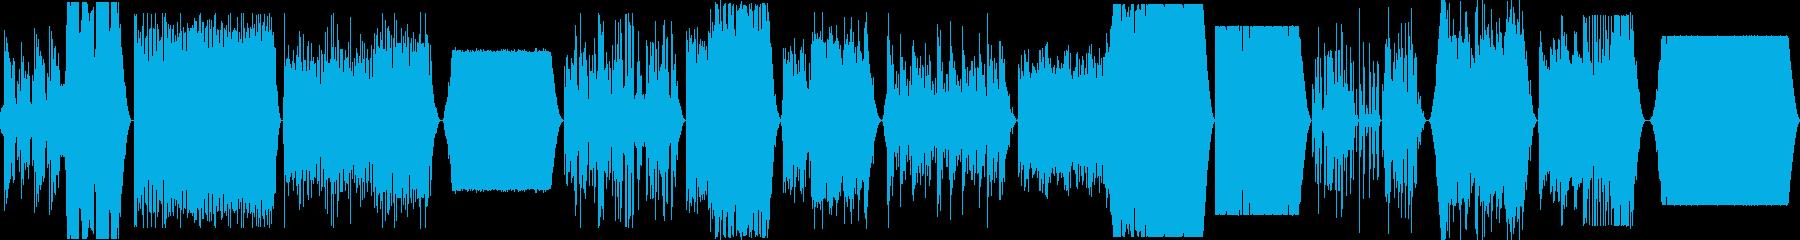 AS専属クリエイター14名による100曲の再生済みの波形